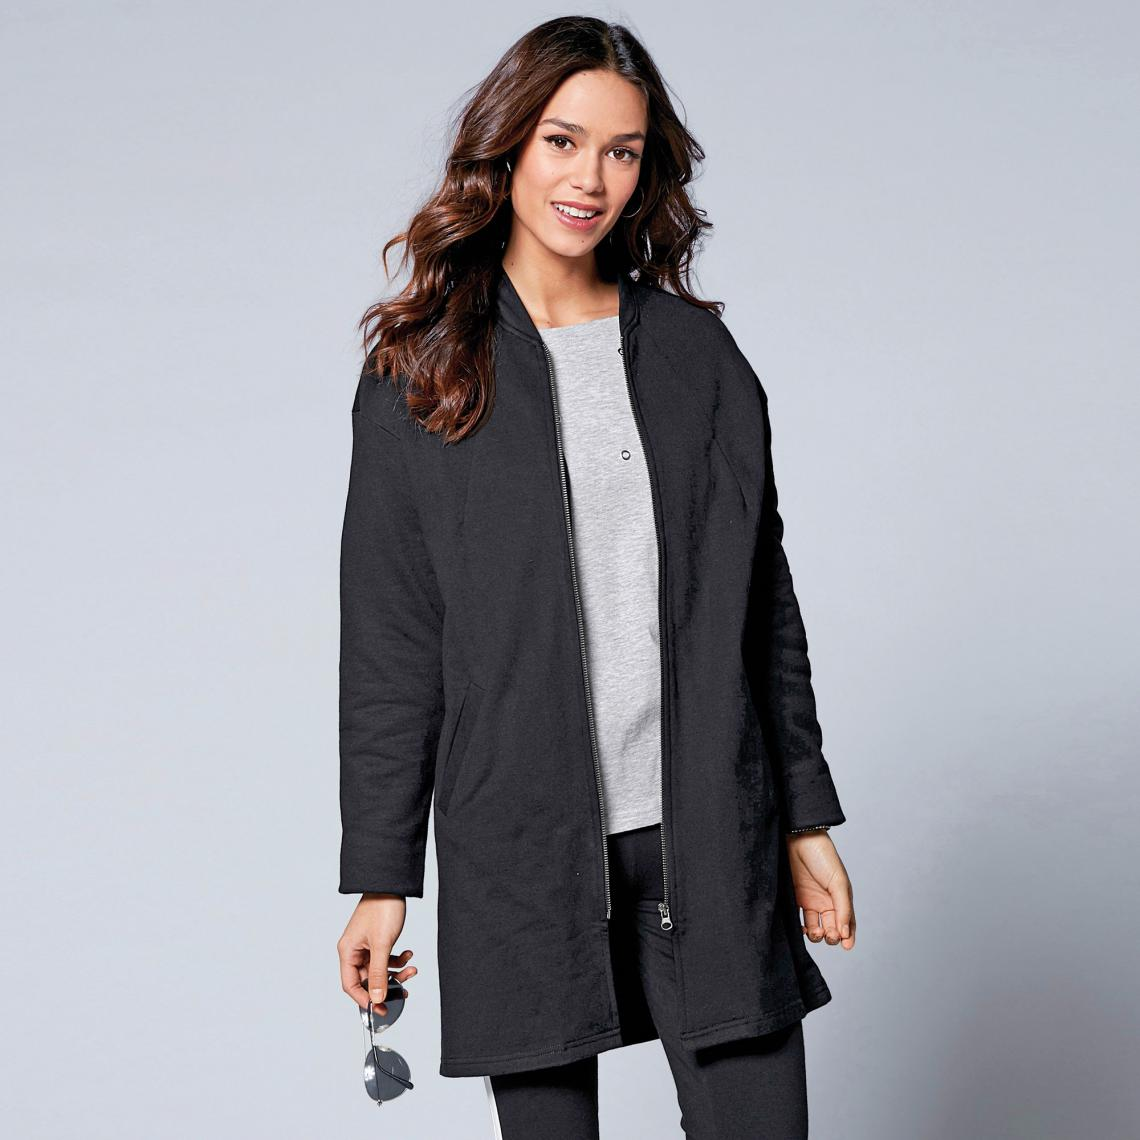 Manteau de moto pour femme kijiji